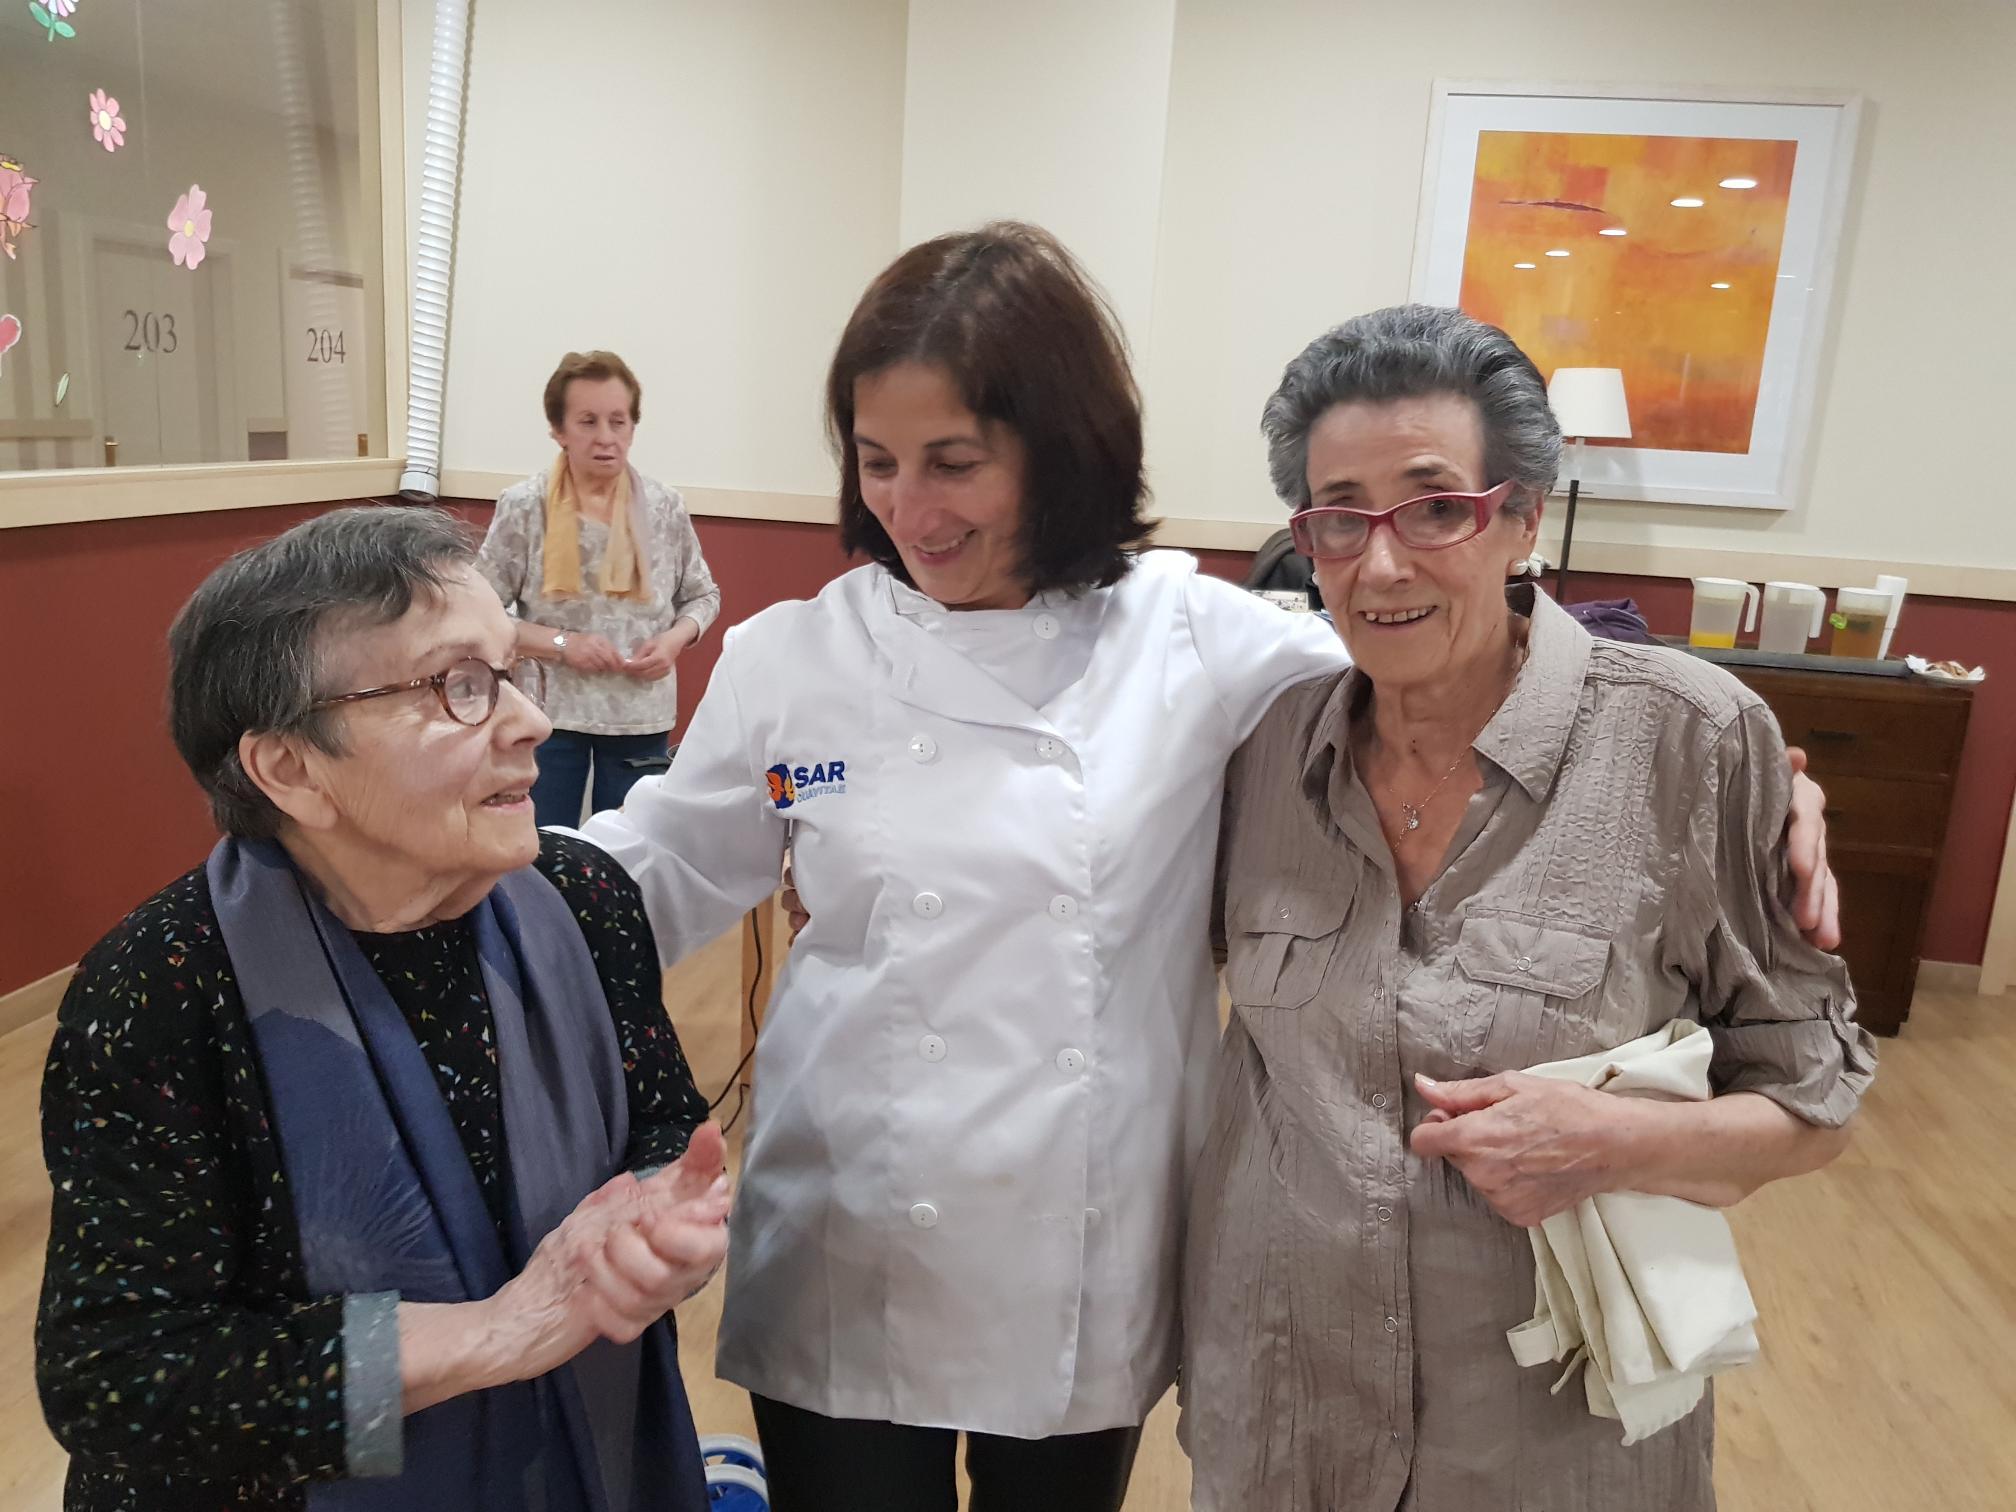 Nati con Carmela y Lolita Matogrande